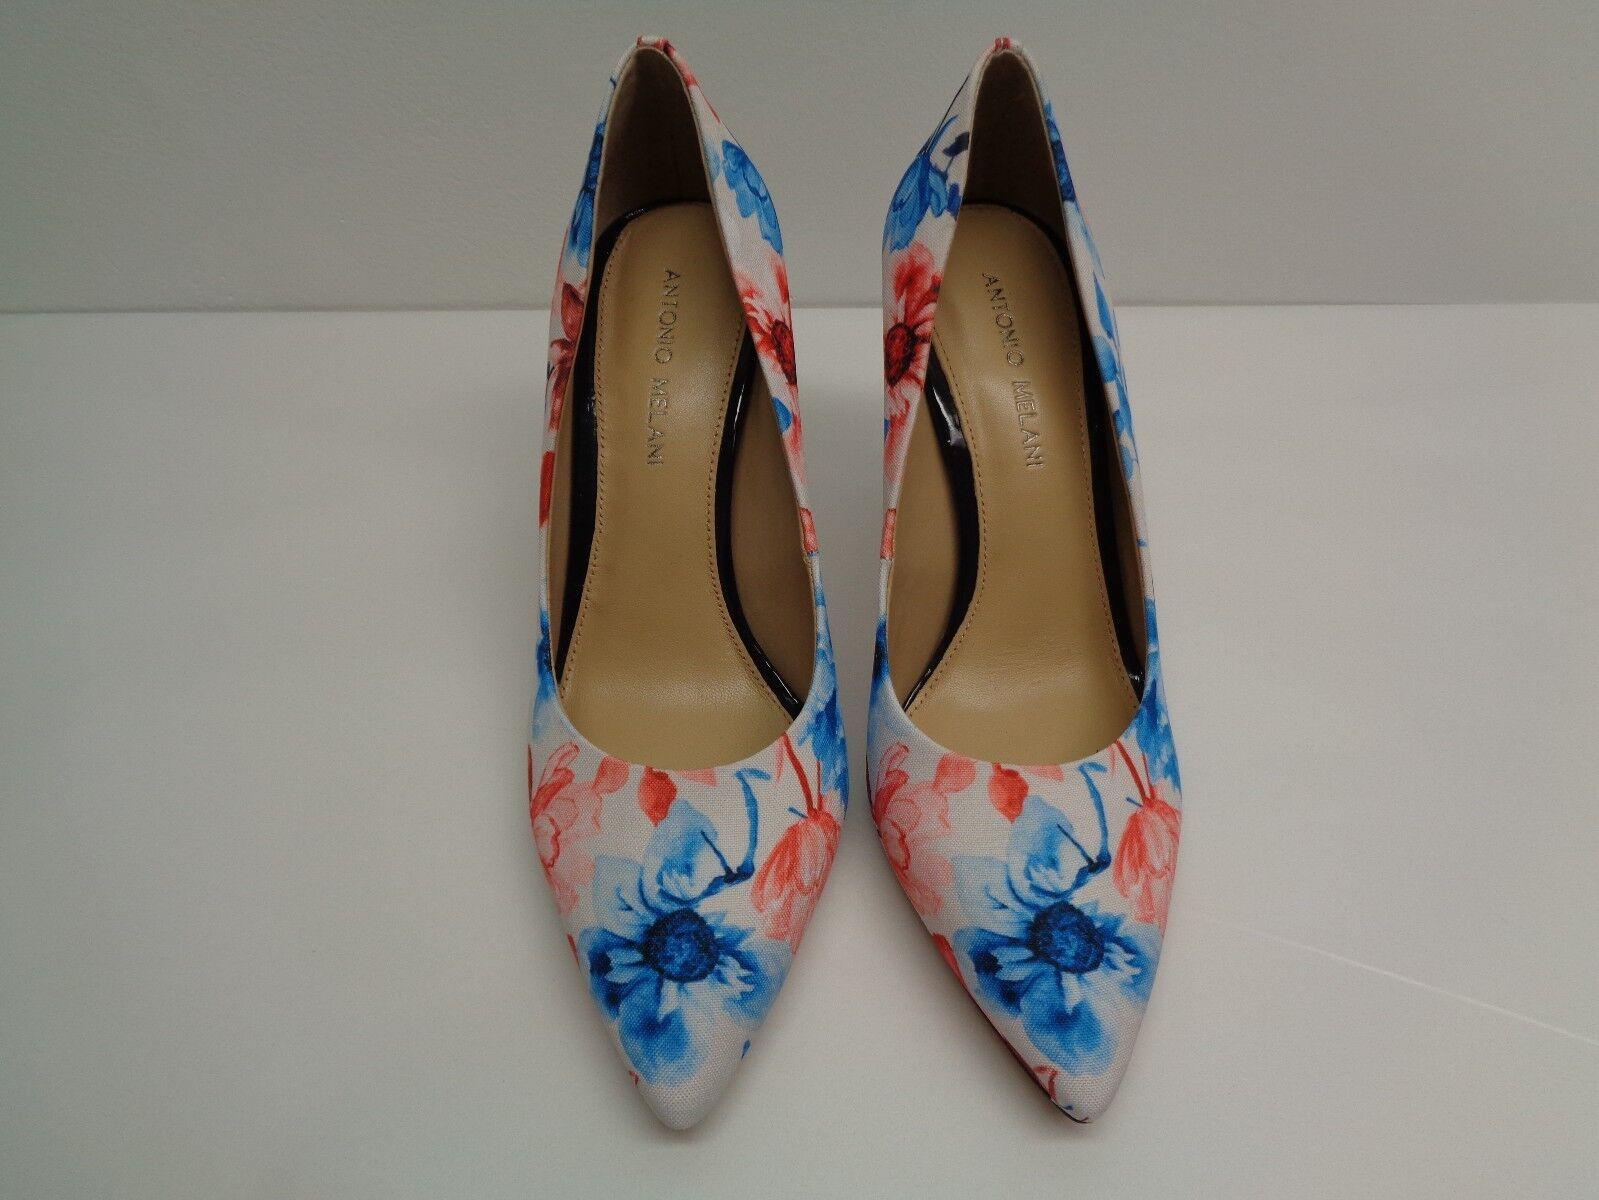 Antonio Melani Größe New 6 M MCBETH Floral Weiß Blau Pumps Heels New Größe Damenschuhe Schuhes 5881e5